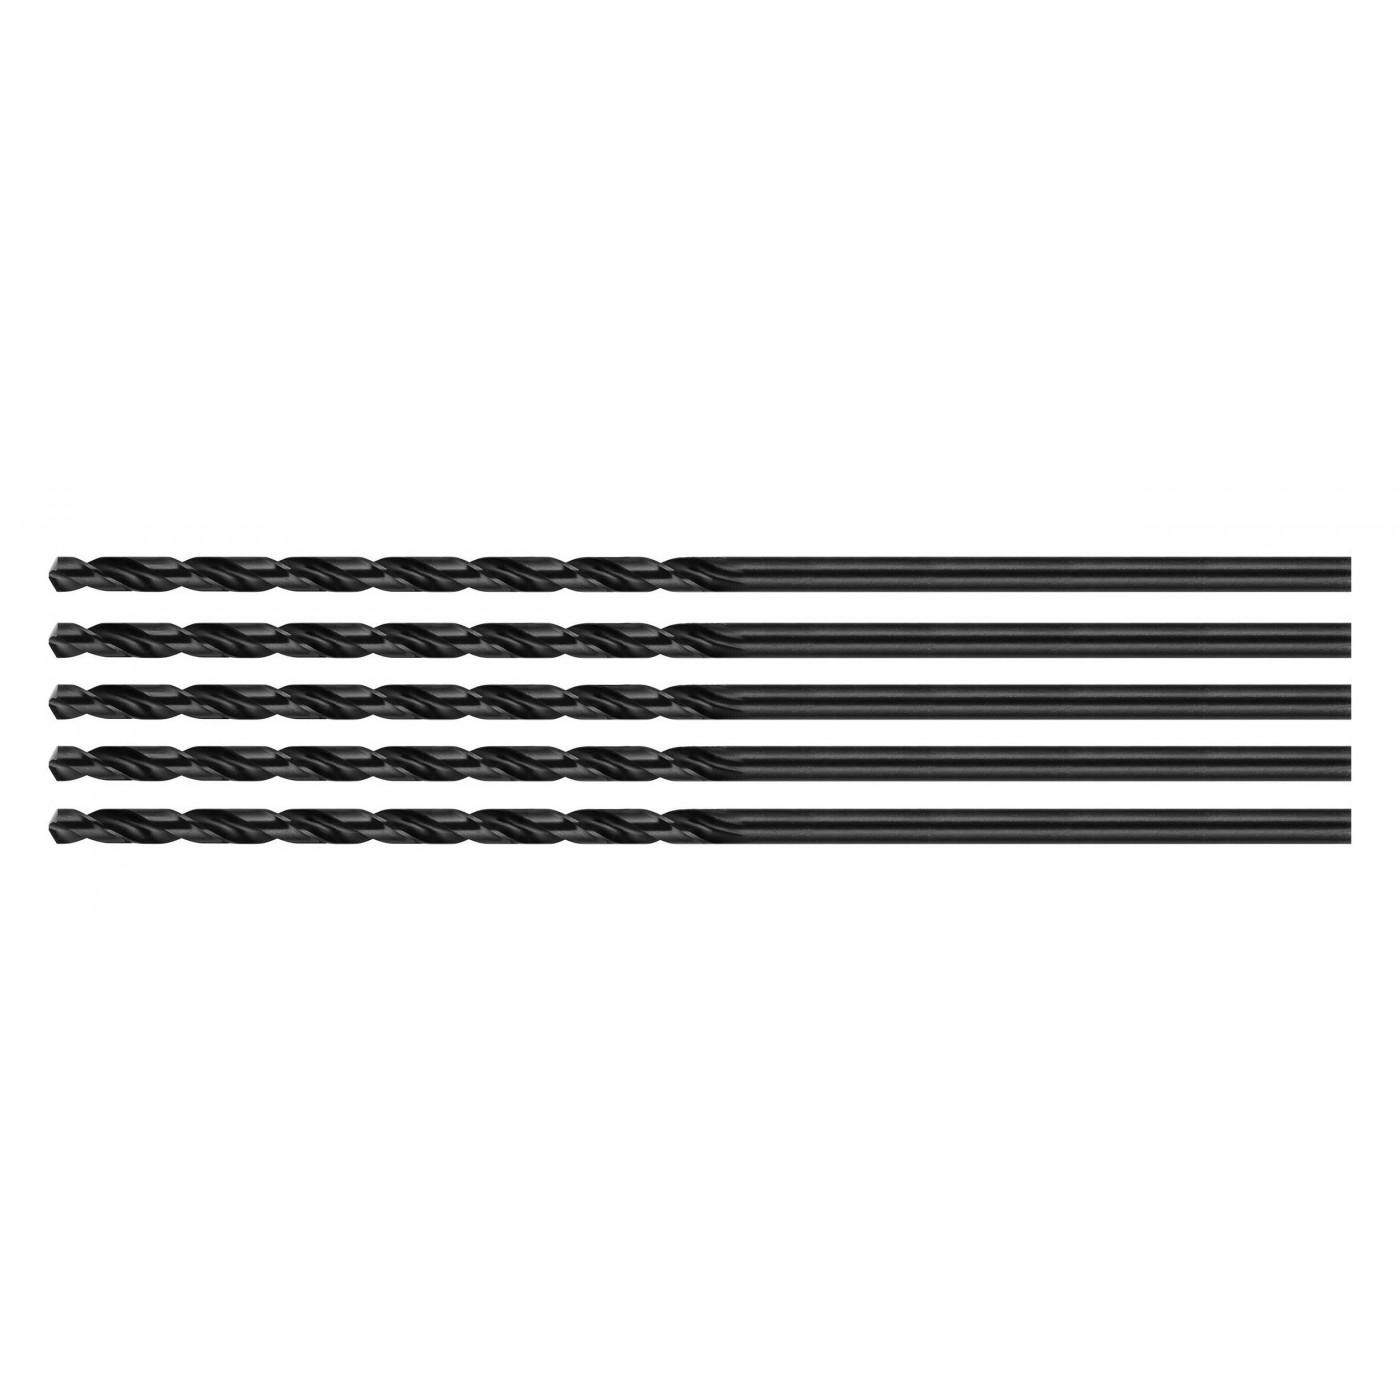 Set of 5 metal drill bits (HSS, 3.8x120 mm)